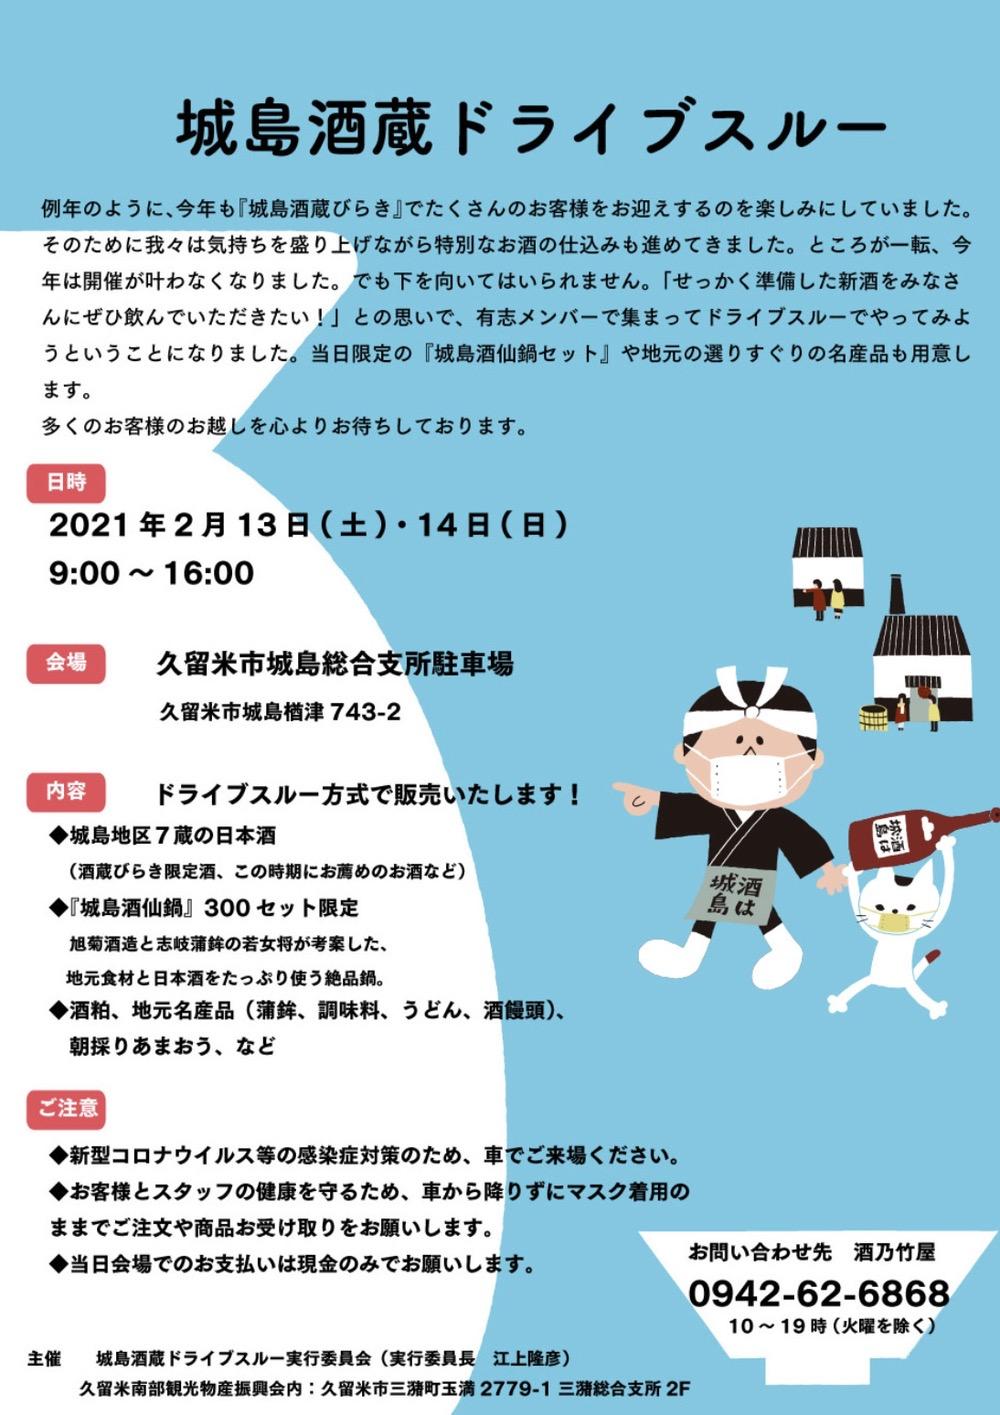 城島酒蔵ドライブスルー 2月開催決定!7蔵の日本酒や城島酒仙鍋を販売【久留米市】